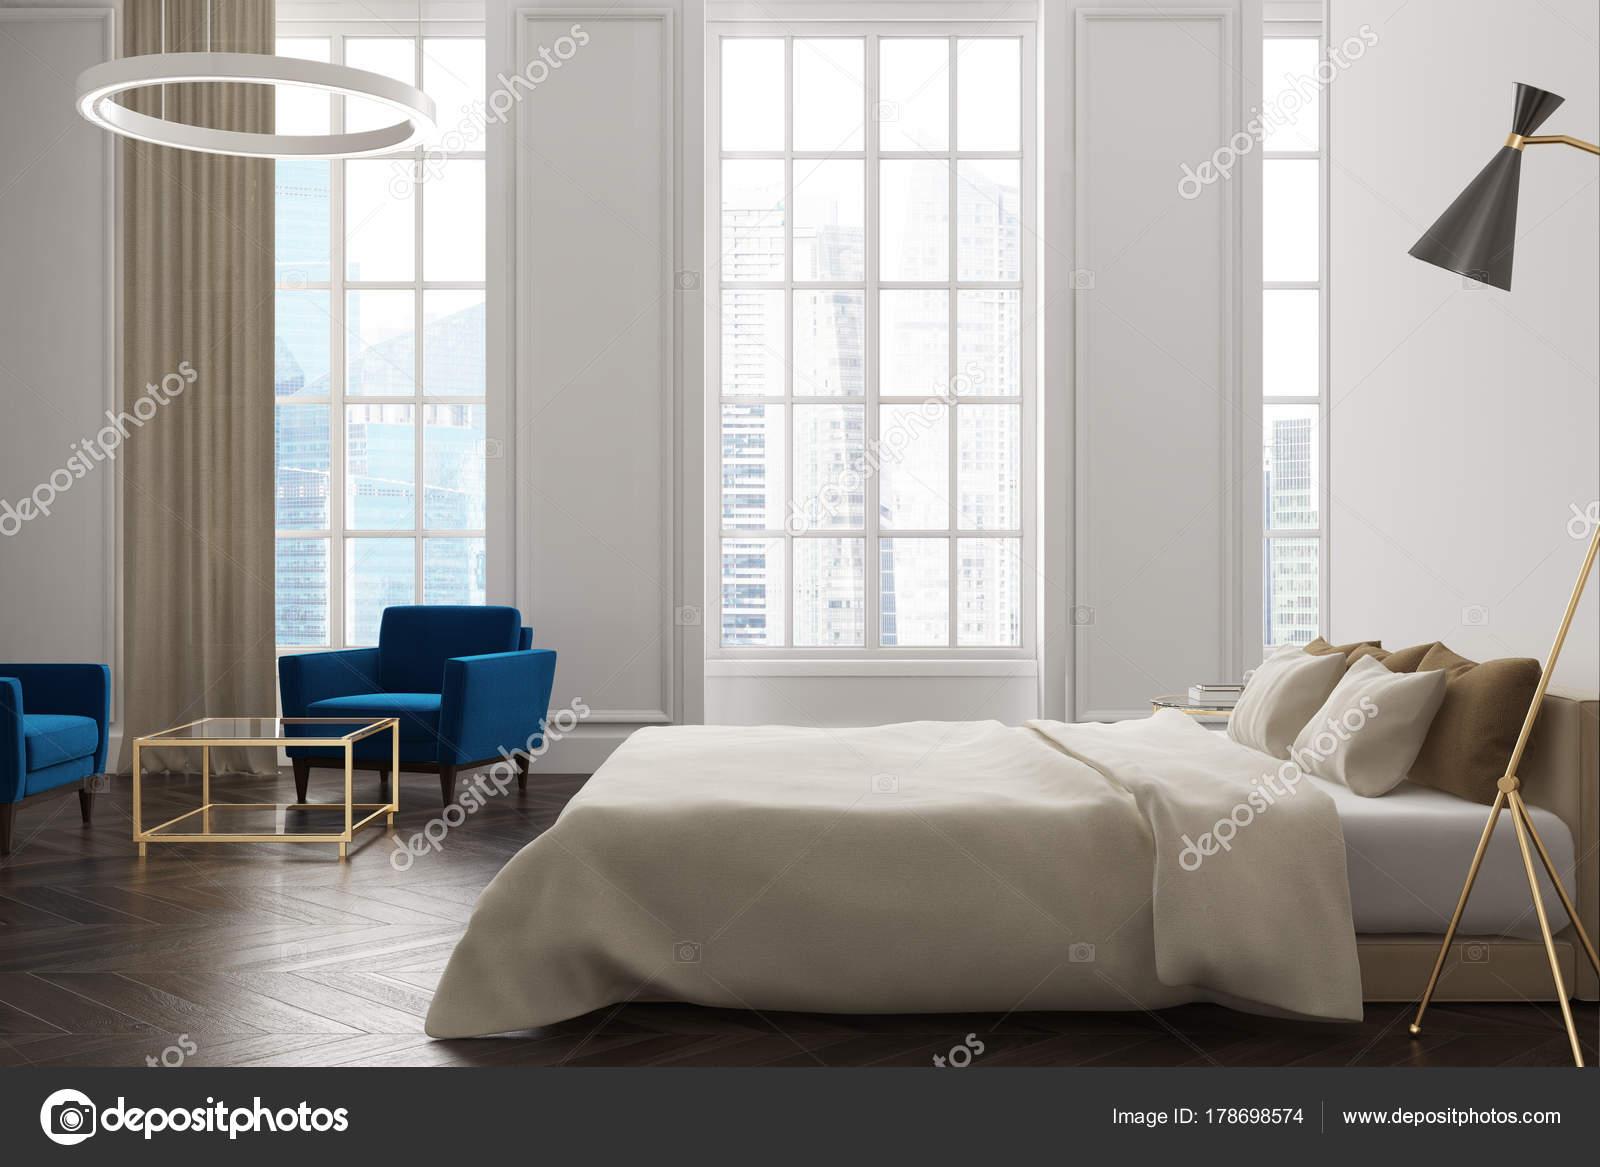 Camera Da Letto Bianca : Lato interno camera da letto bianca u foto stock denisismagilov